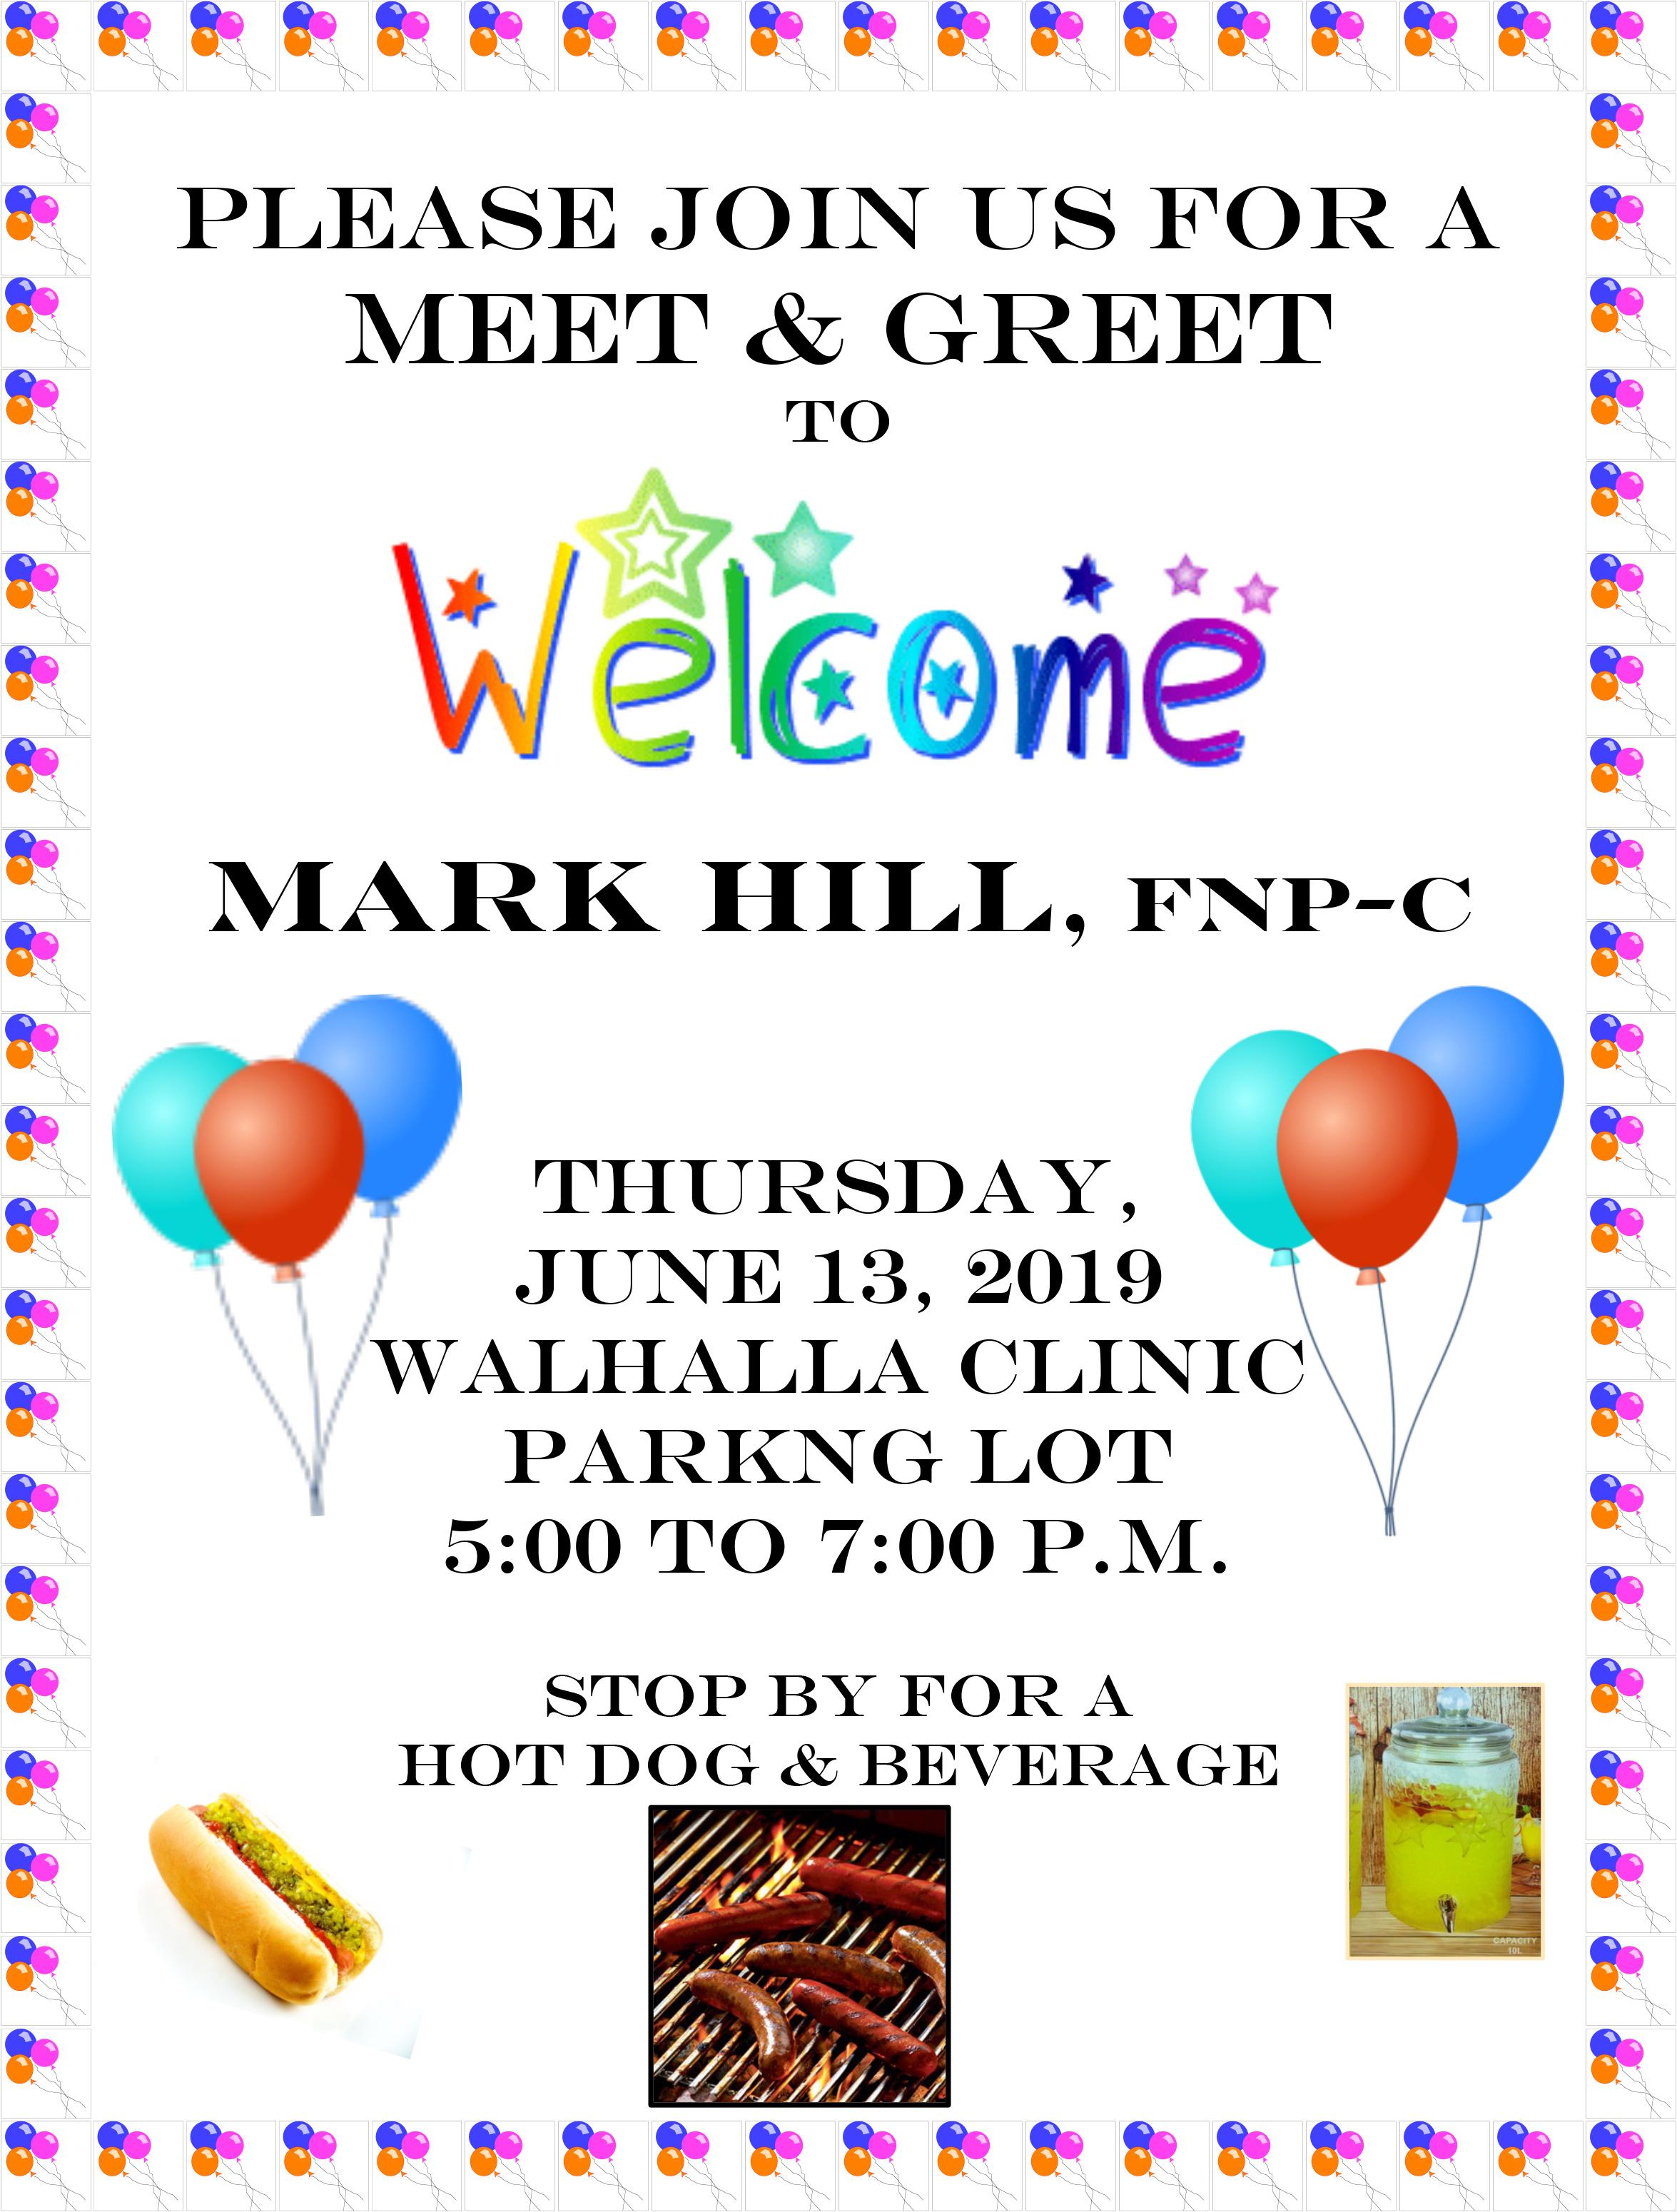 Mark Hill Meet & Greet.jpg